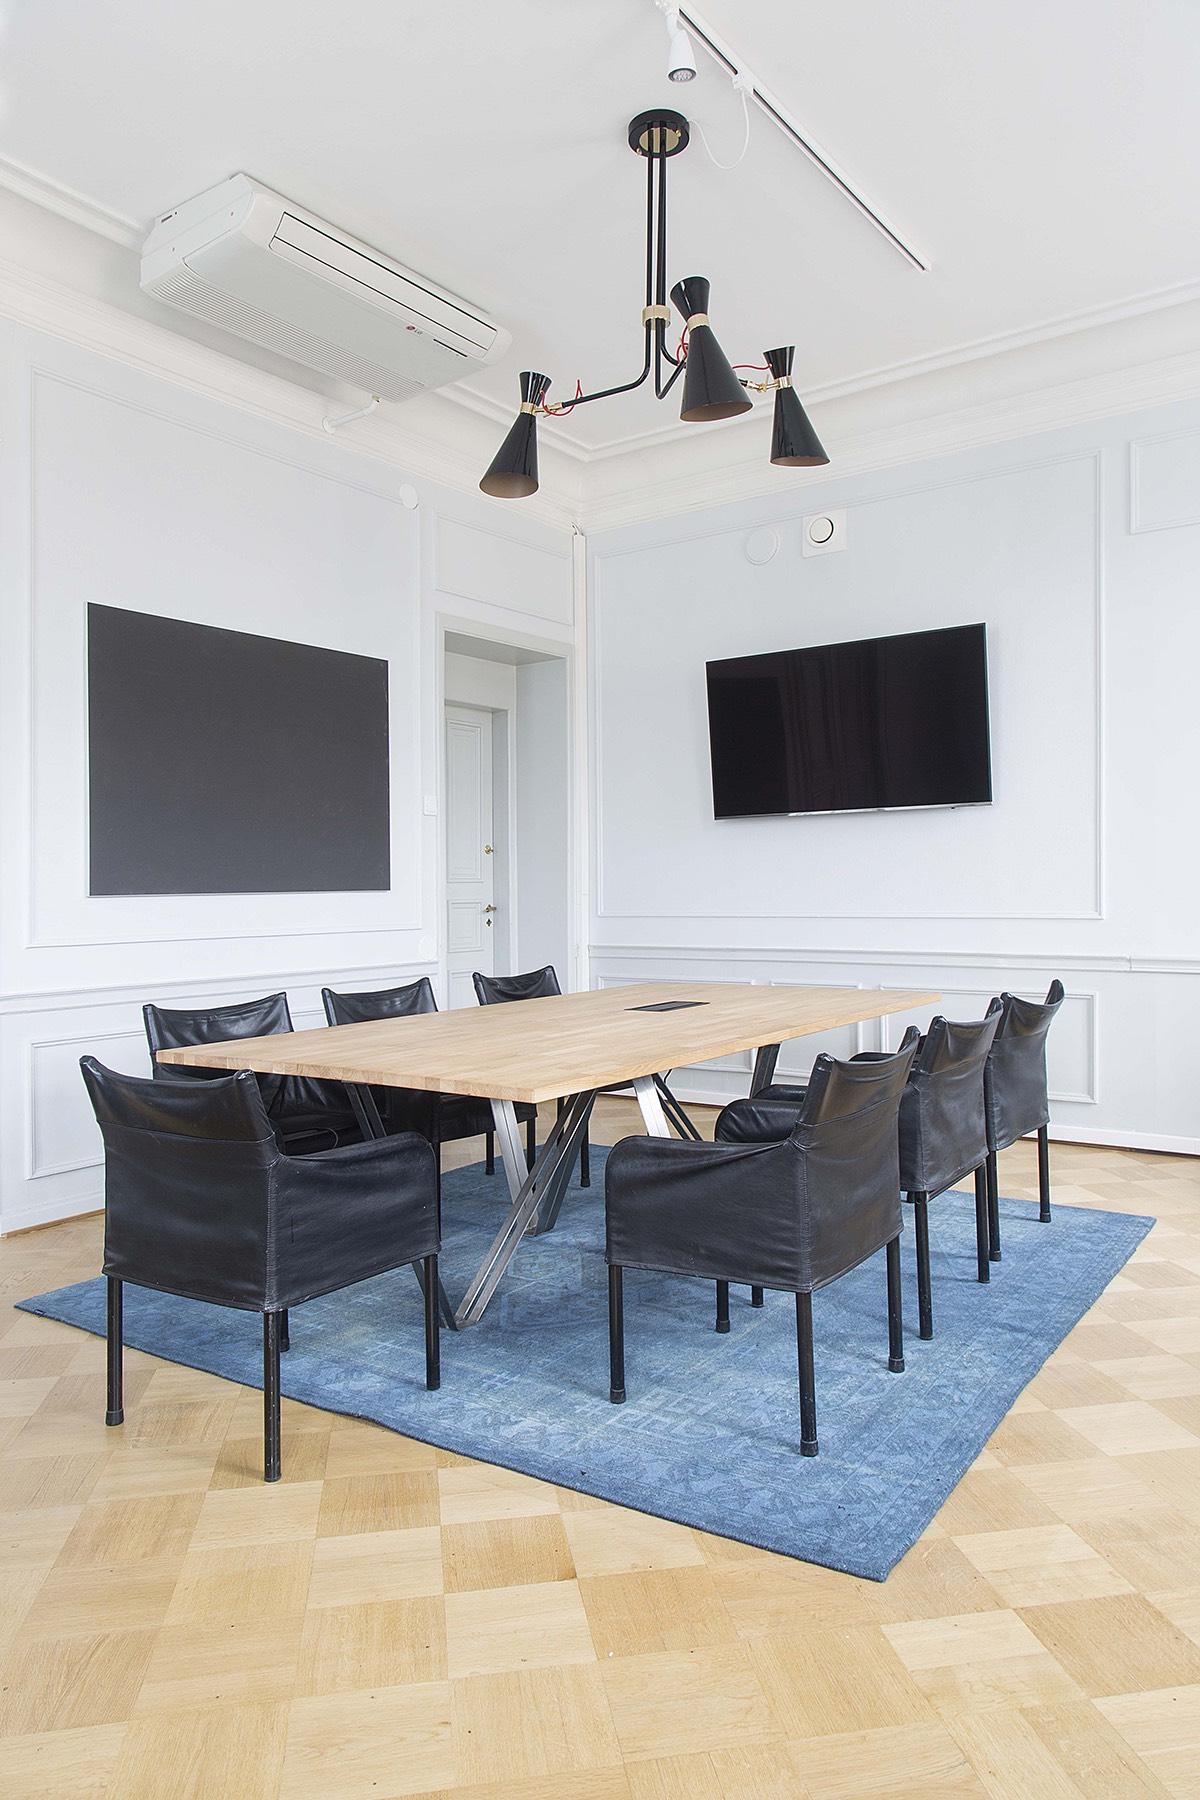 bbo-helsinki-office-6